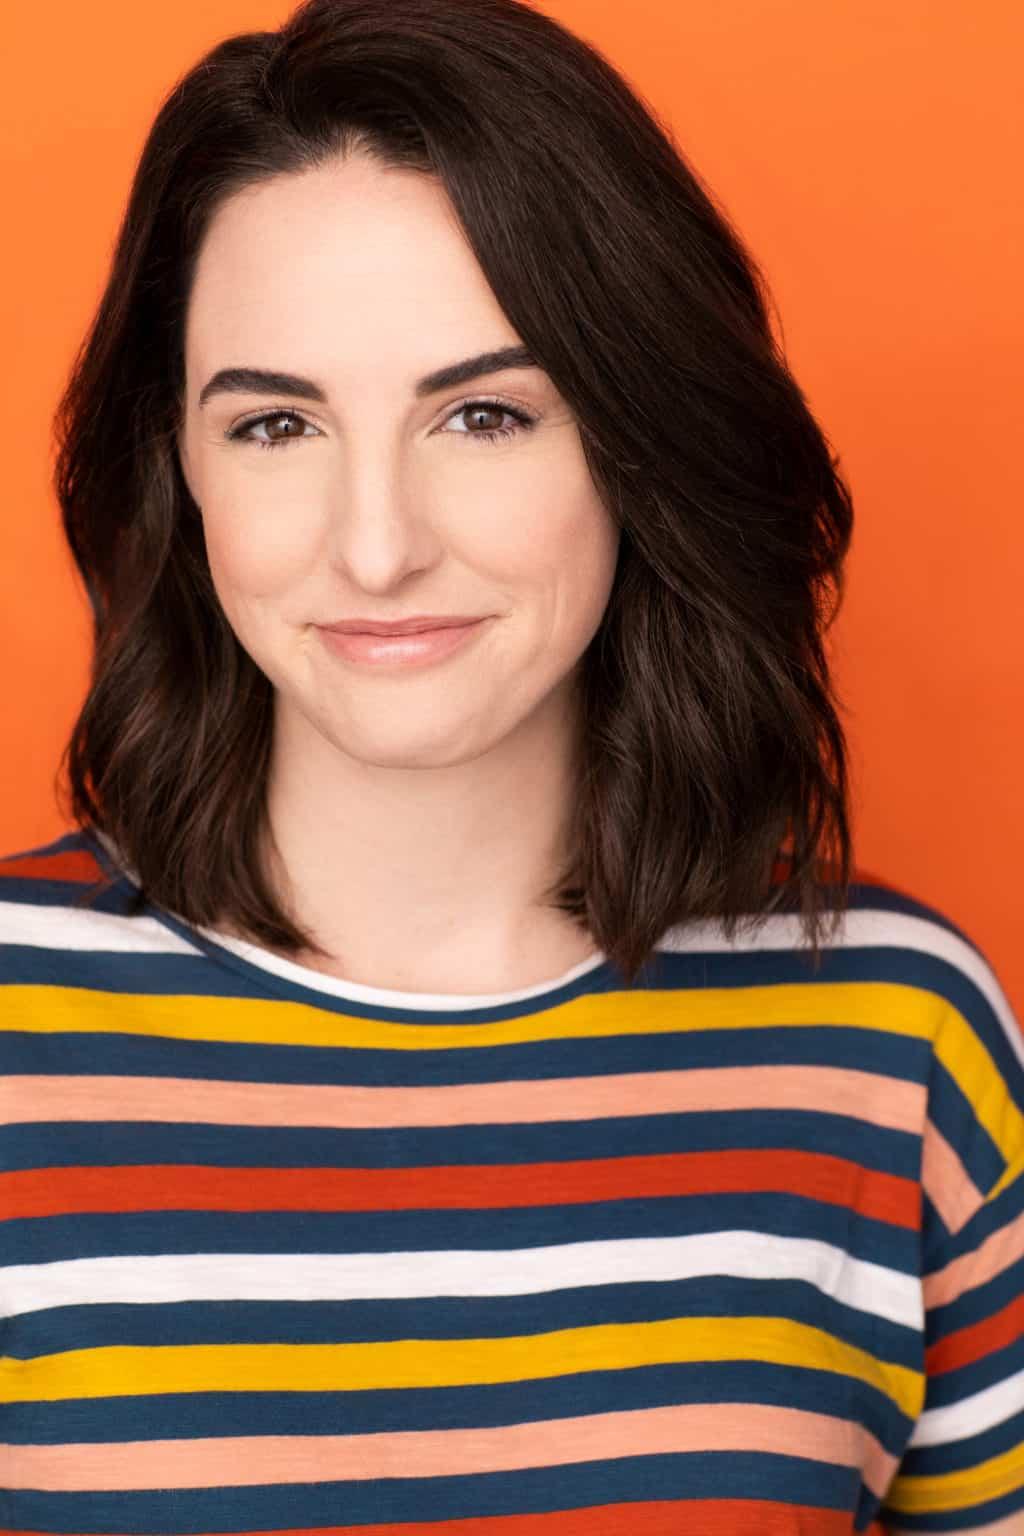 Jillian Ferry